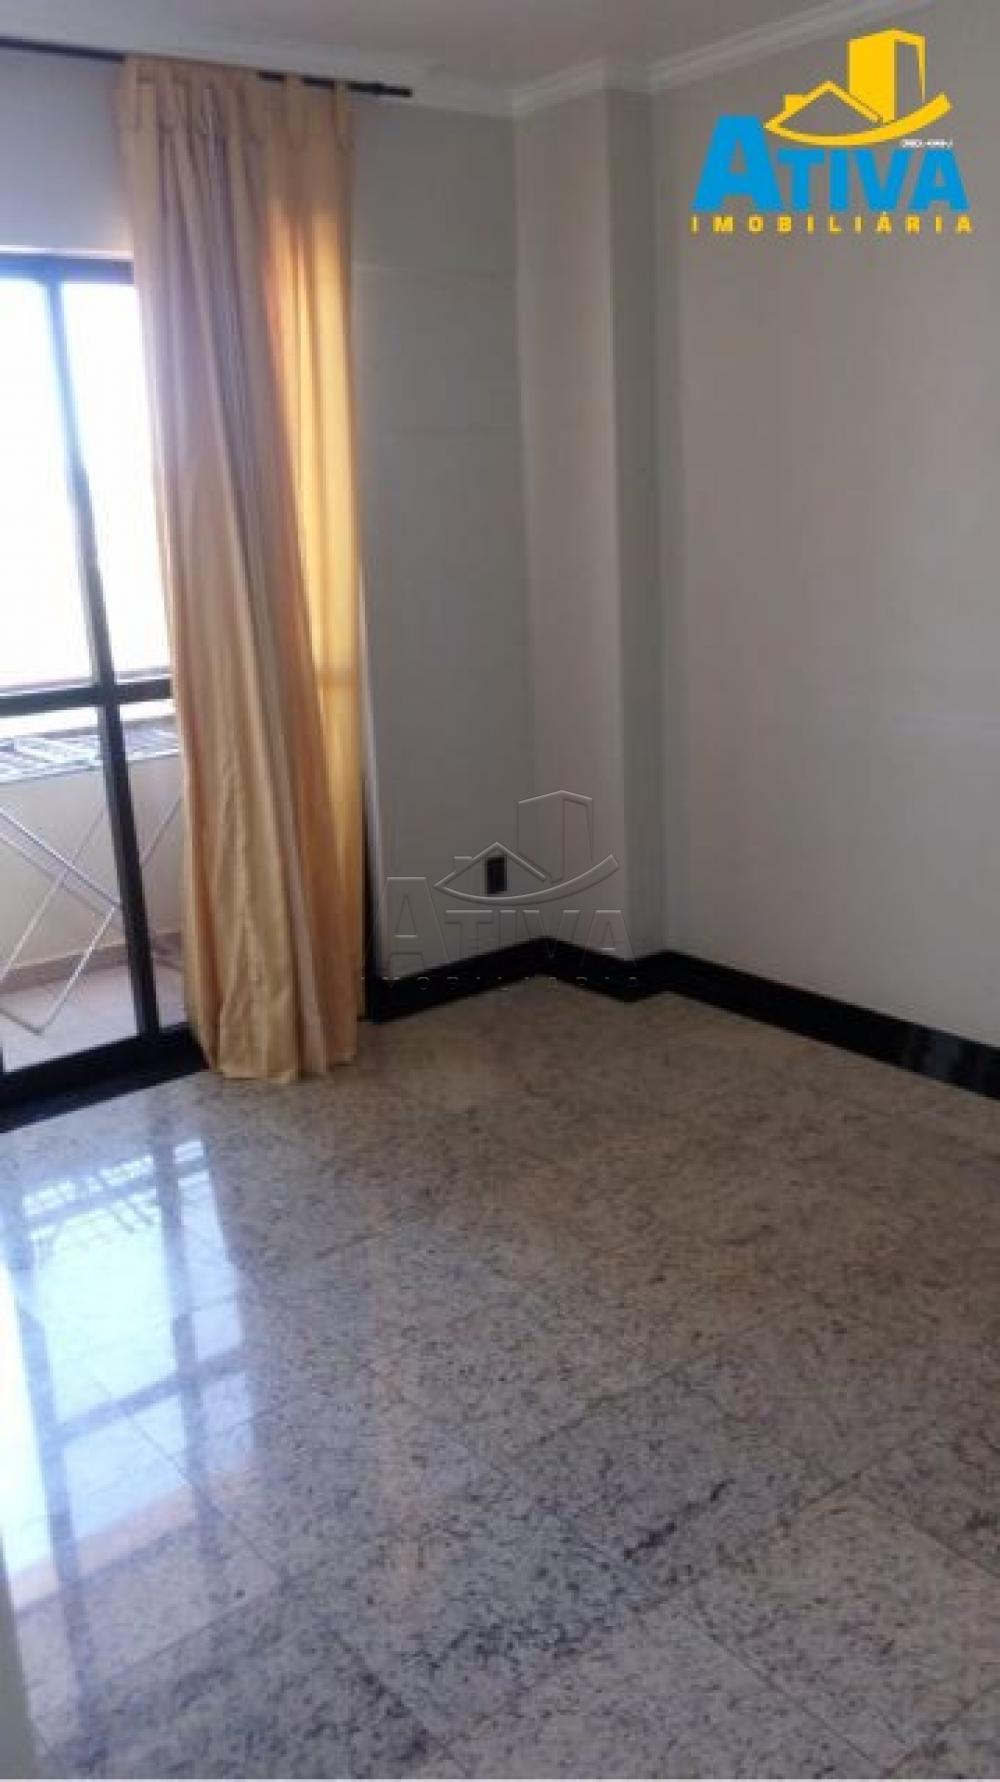 Comprar Apartamento / Padrão em Toledo apenas R$ 850.000,00 - Foto 12